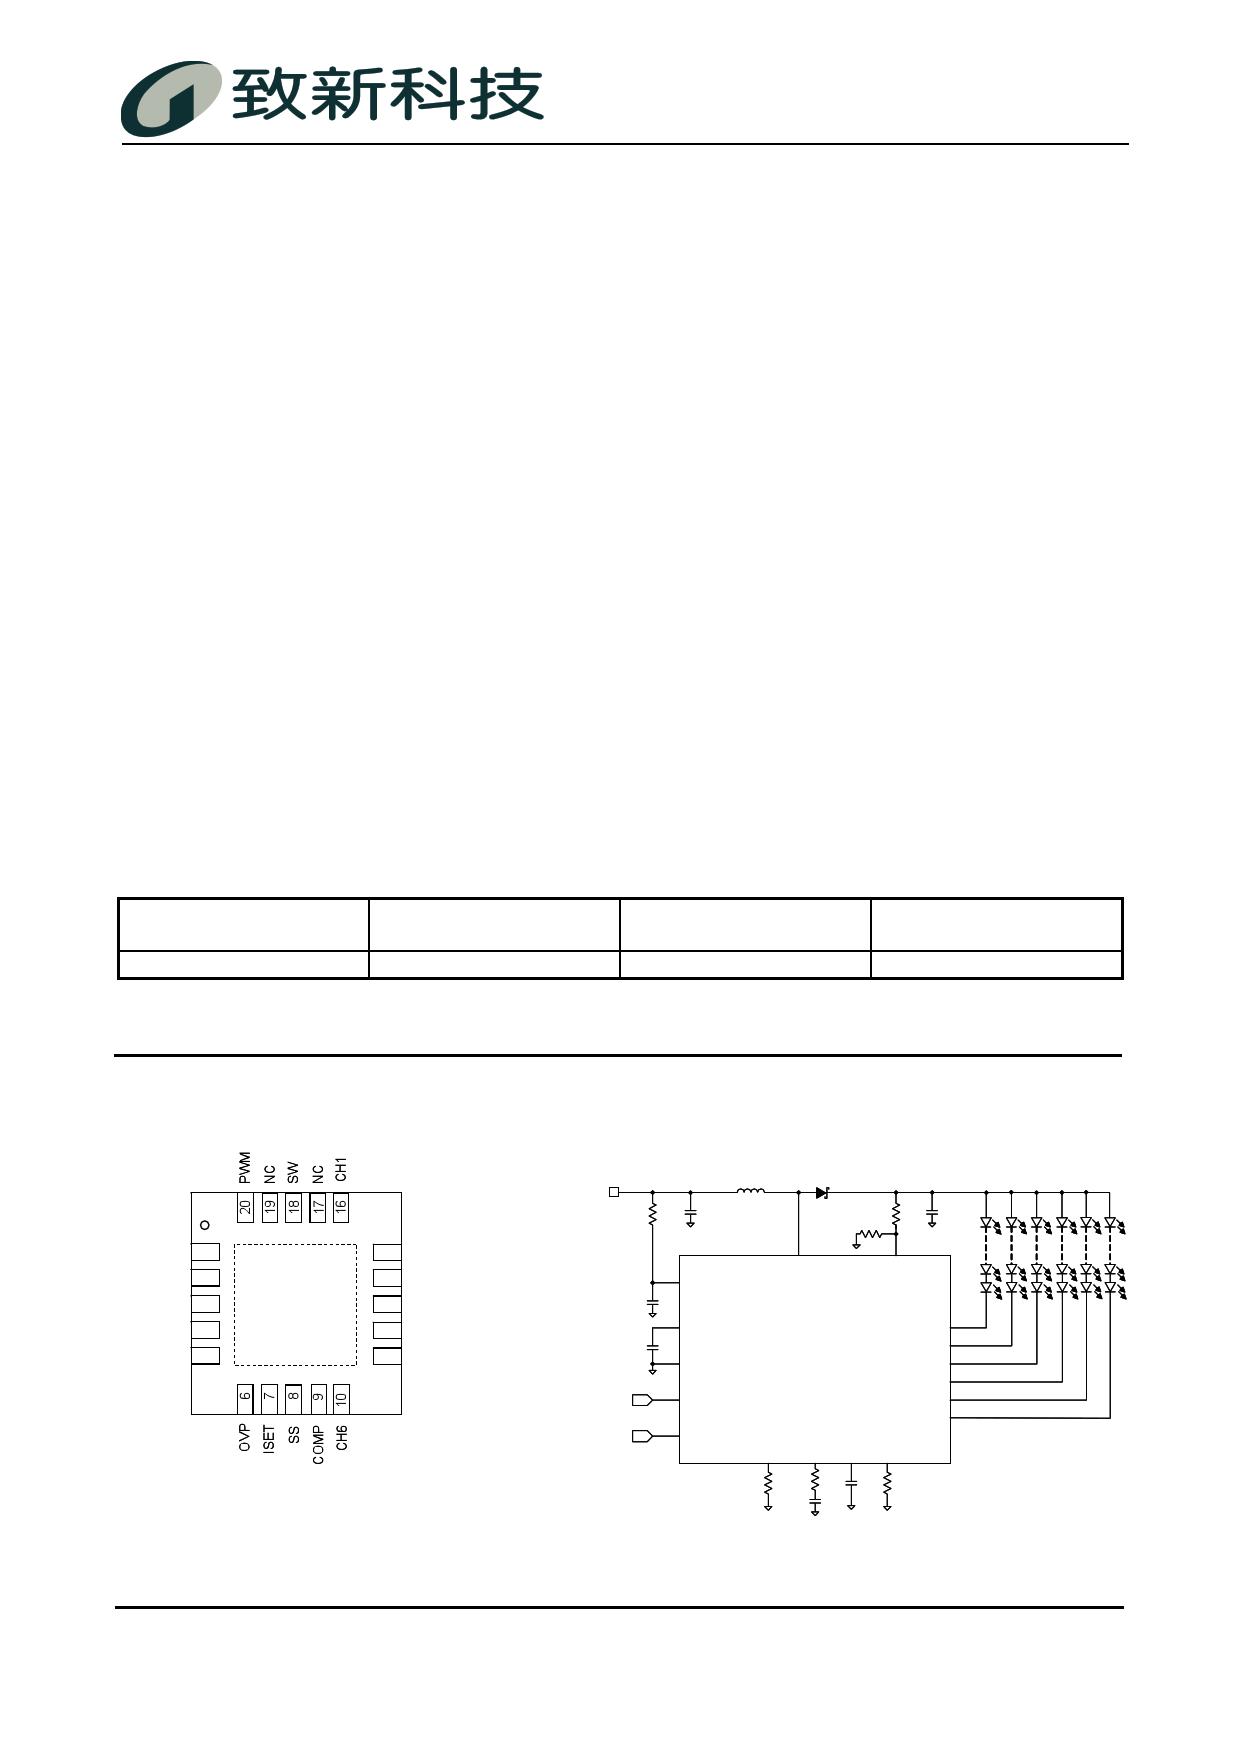 G5967 Datasheet, G5967 PDF,ピン配置, 機能